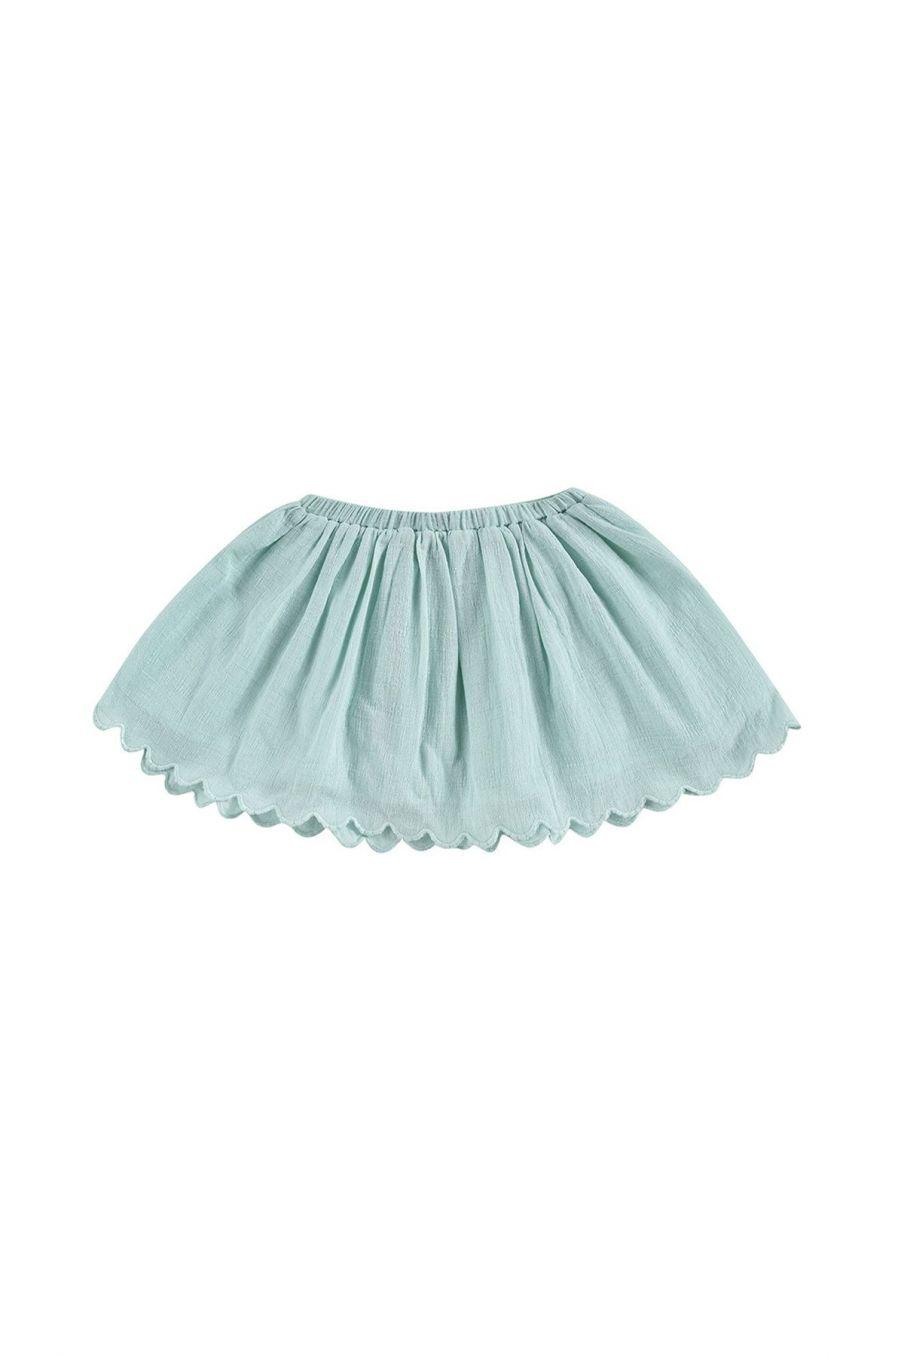 boheme chic vintage jupe bébé fille riola amande